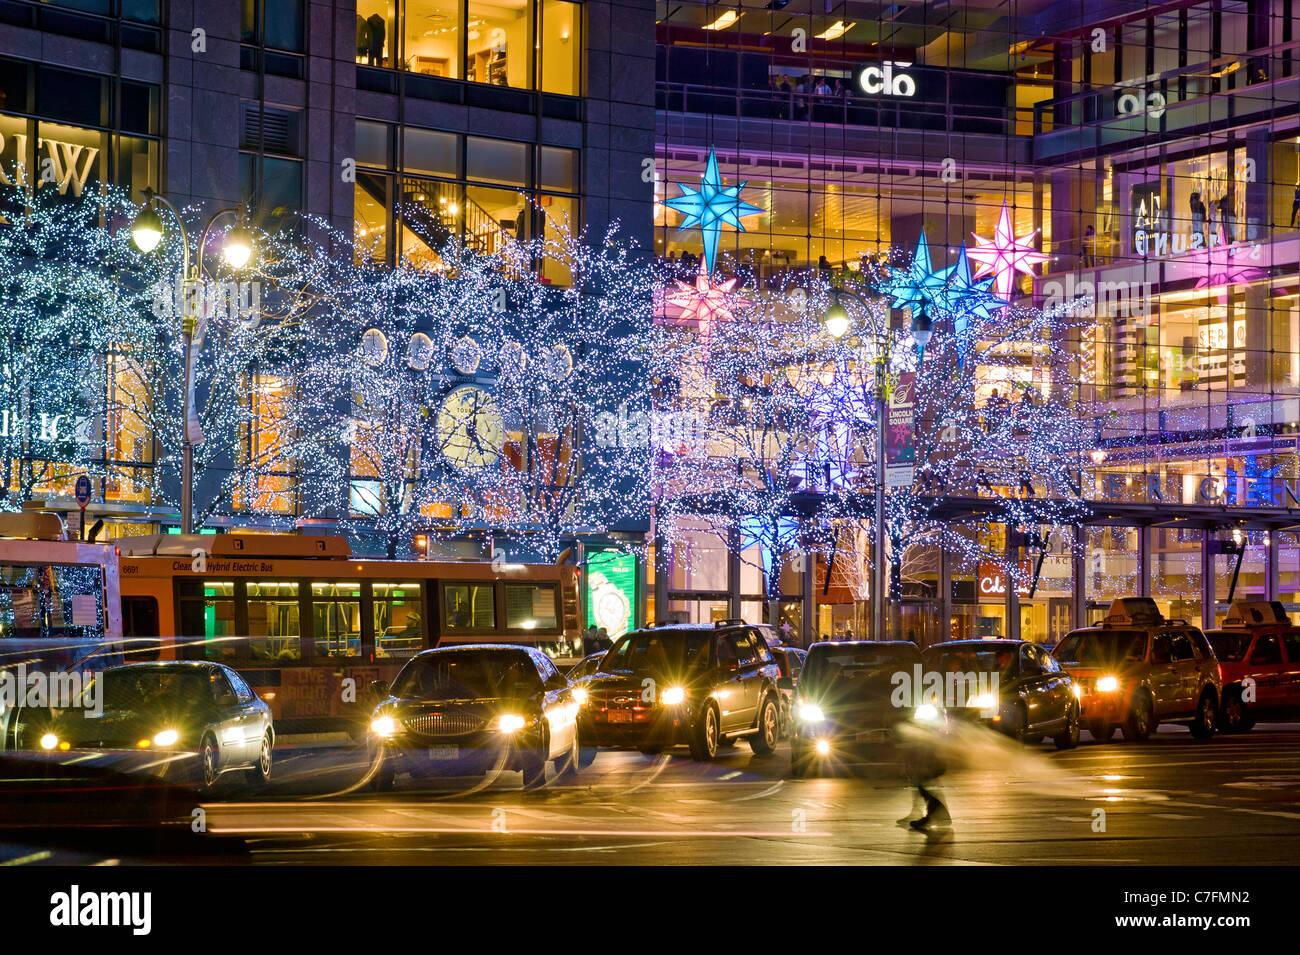 Weihnachtsschmuck Time Warner Center am Columbus Circle Stockbild